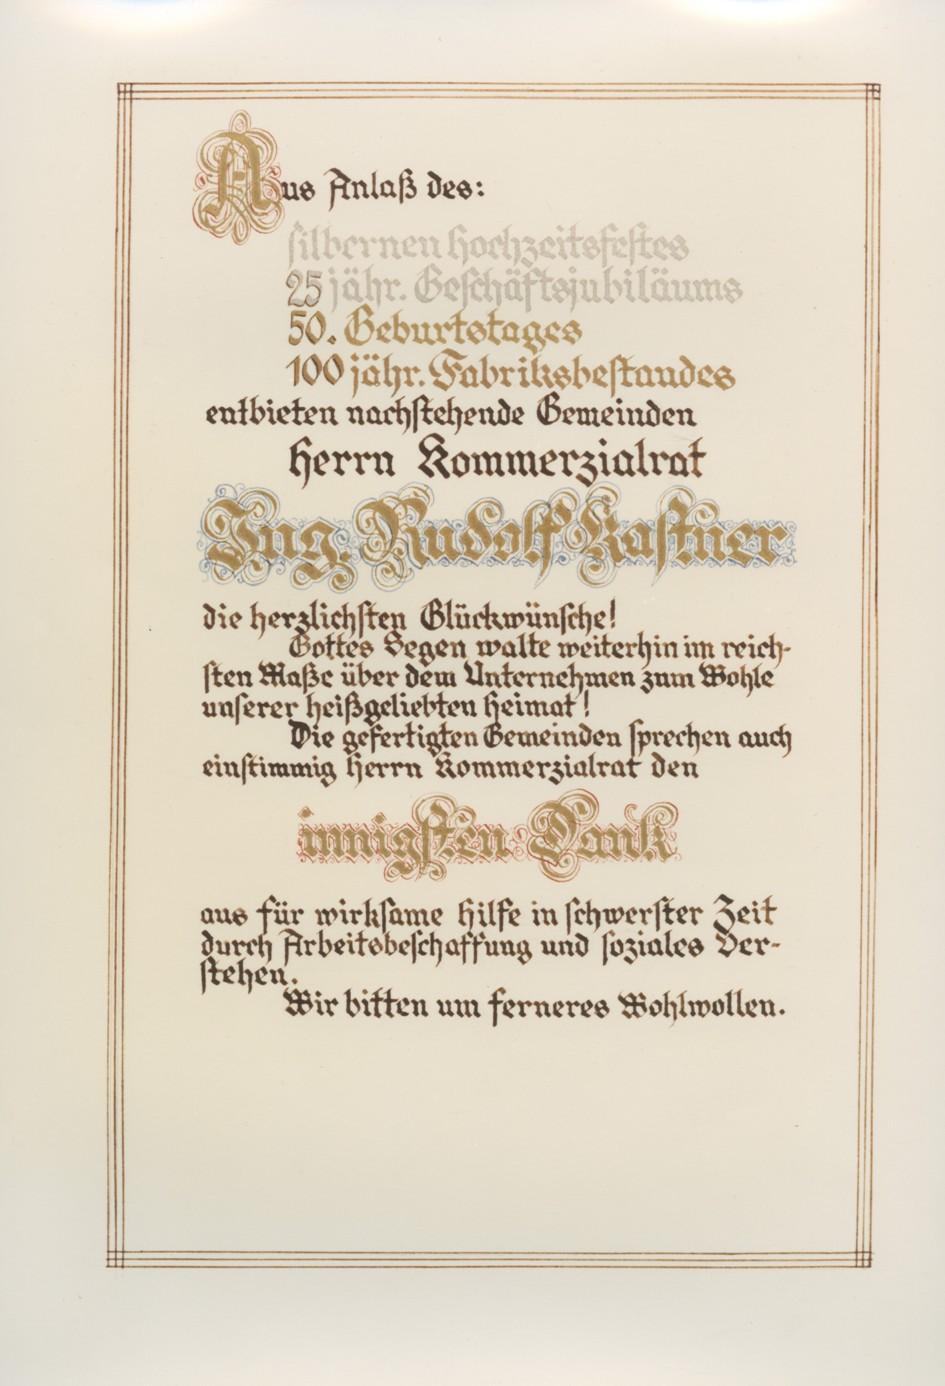 """Ehrenurkunde der Gemeinden Thüringen, Thüringerberg, Ludesch und Bludesch für Rudolf Kastner, anlässlich des Jubiläums """"100 Jahre Fabrik in Thüringen""""  Urkunde (Kopie) von 1934 Gemeindearchiv Thüringen"""